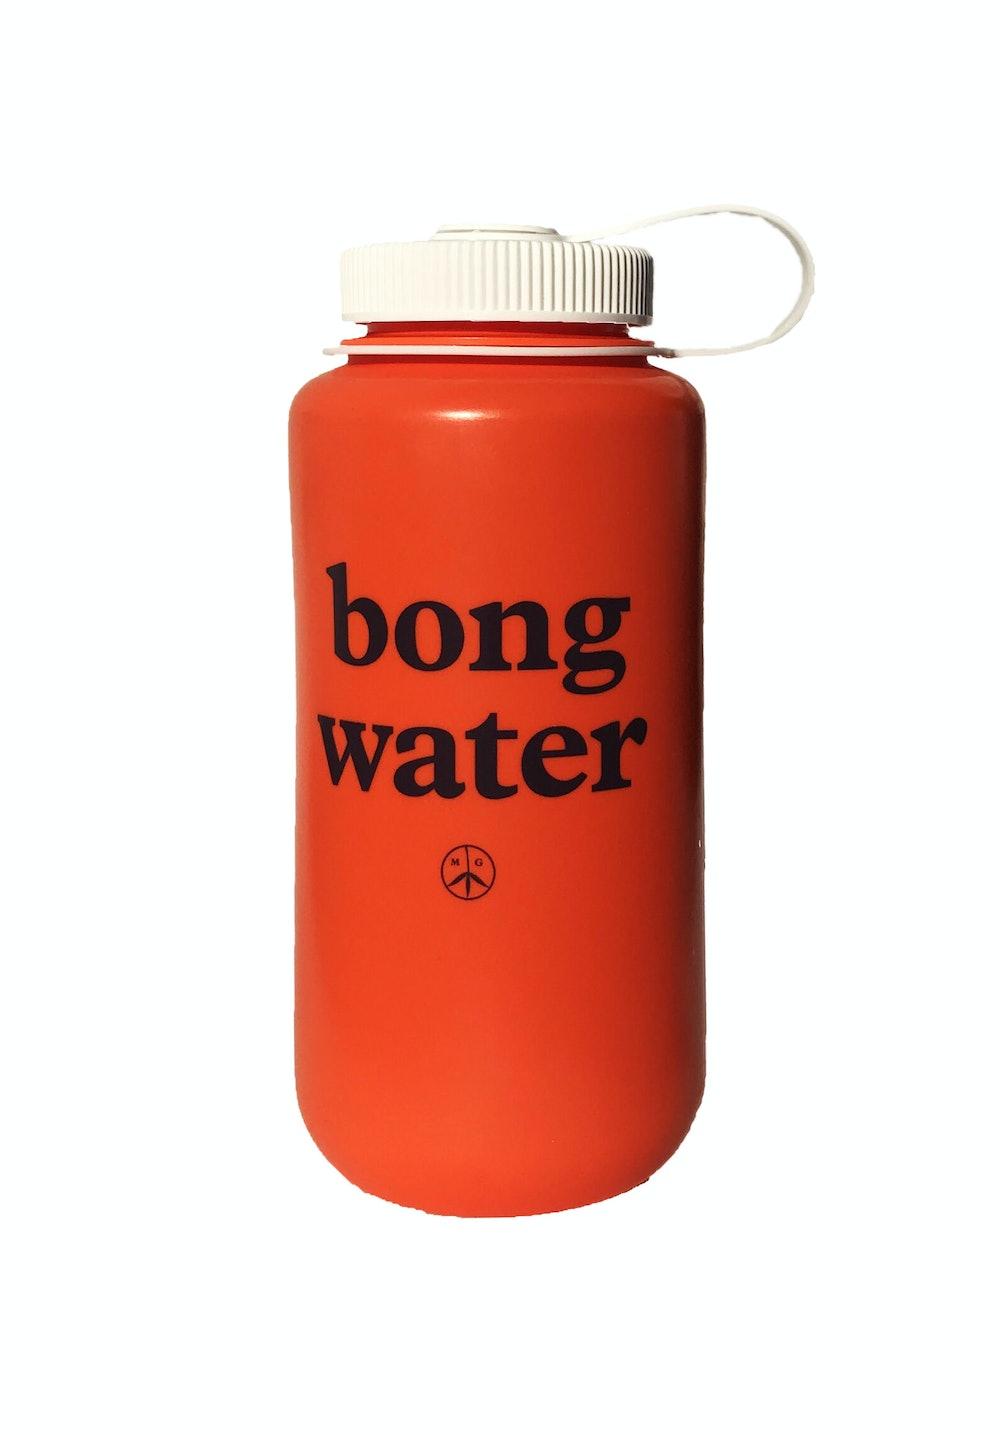 Bong Water Nalgene Bottle